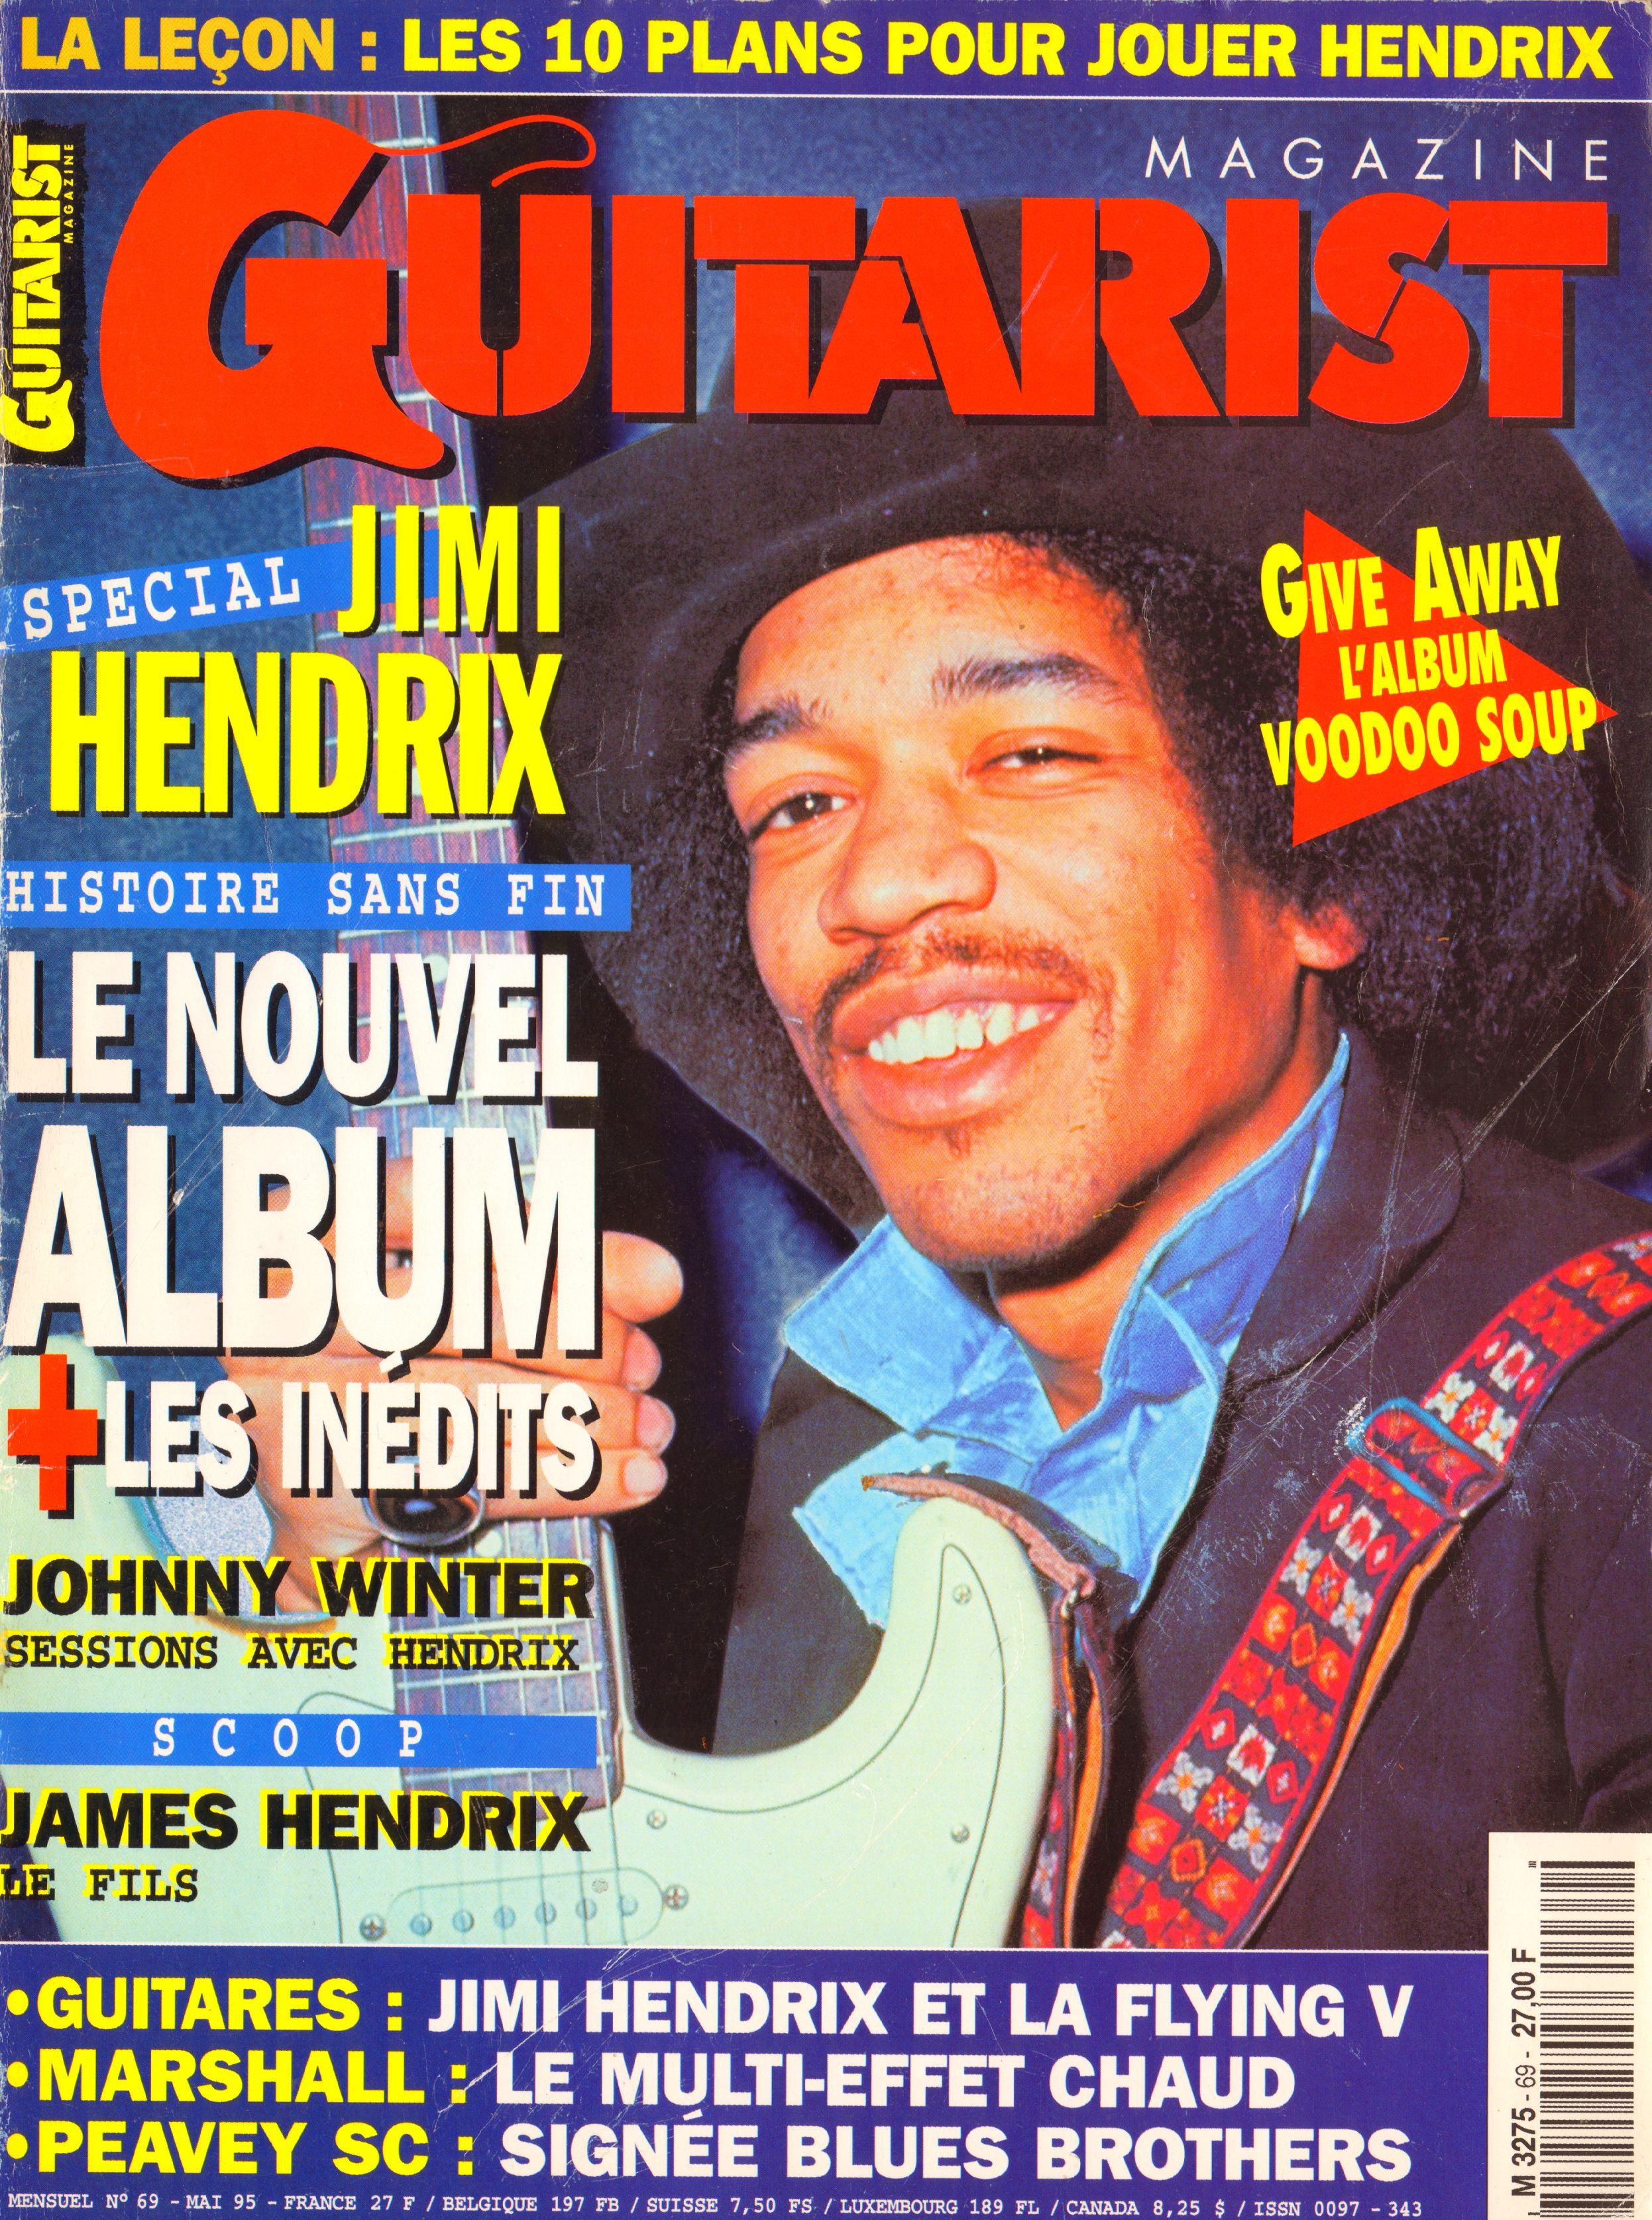 Magazines Français 1989 - 2014 GuitaristMai1995Couverture